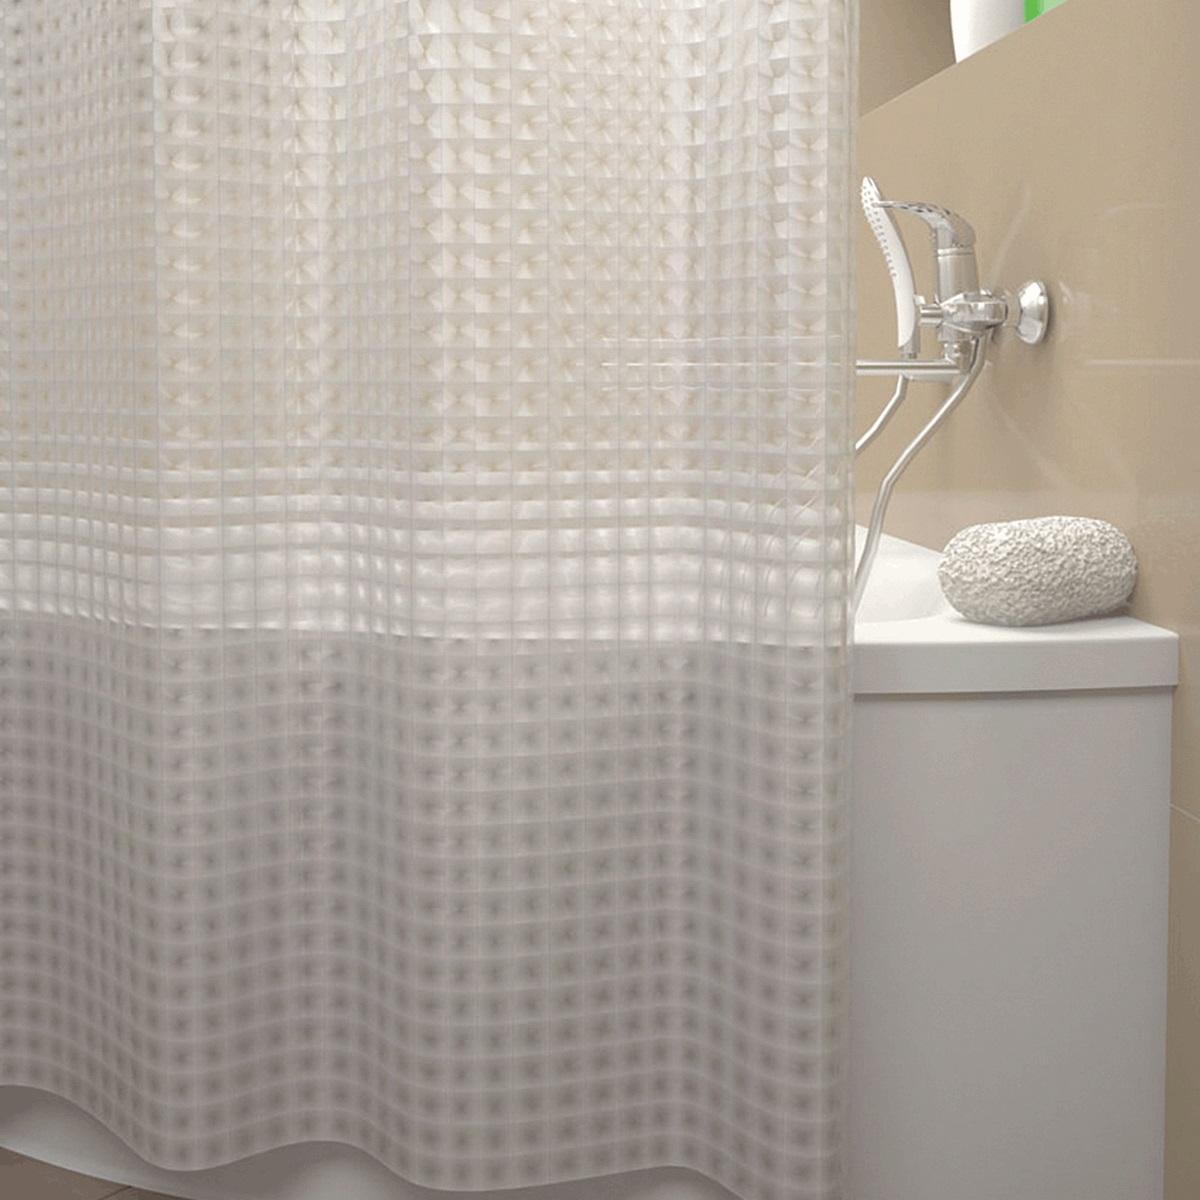 Штора для ванной Iddis Stereo Square, цвет: прозрачный, 180 x 200 см500E18Si11Материал 100% EVA, плотность 184 г/м кв., толщина 0,2 мм, размер 200*180 см, магнитные утяжелители, 12 встроенных колец для крепления к карнизу. Упаковка: ПВХ пакет.